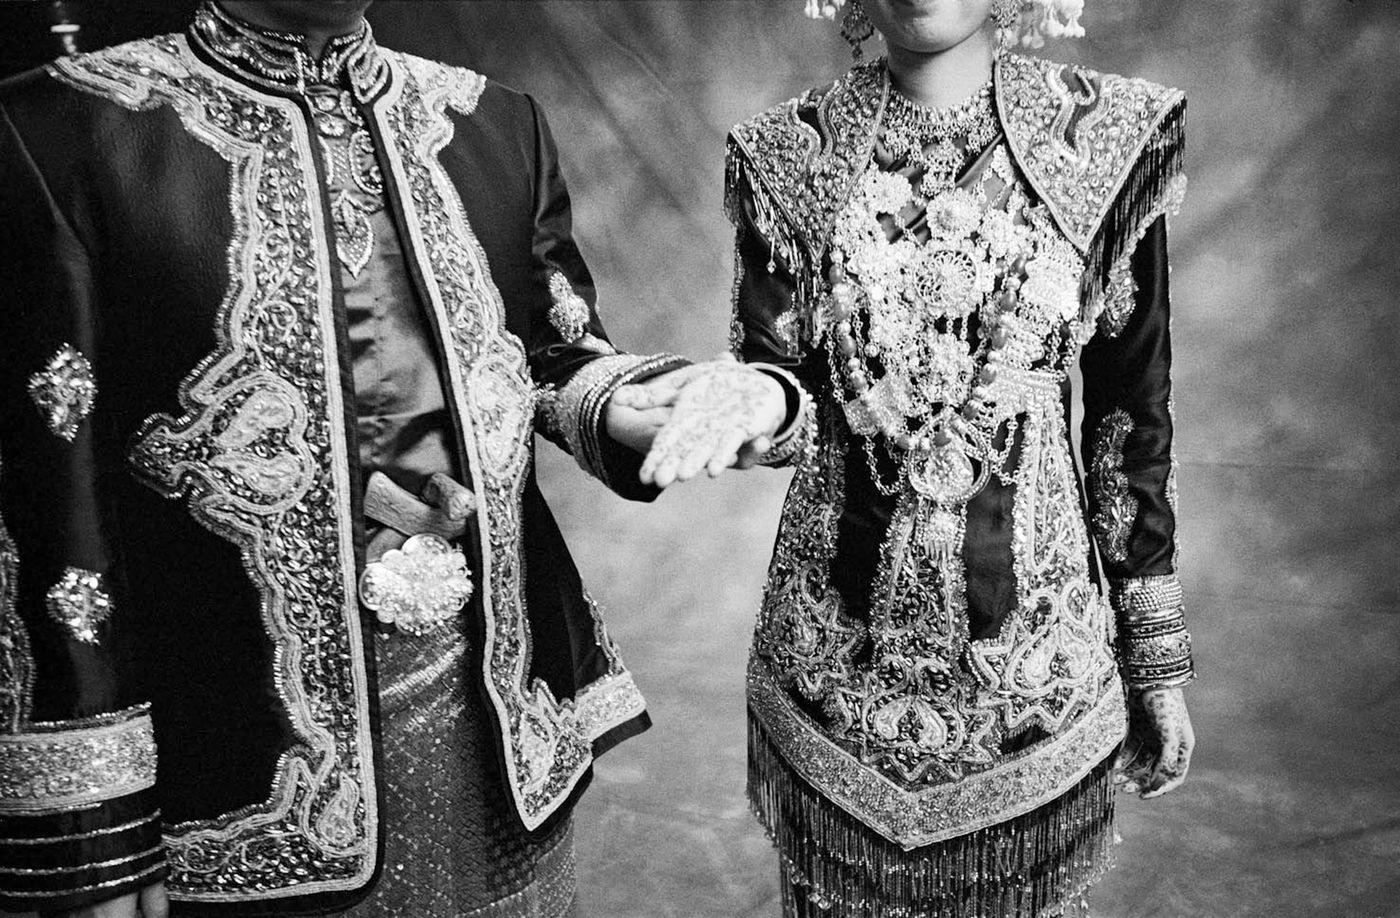 Bernard and Hilda in their wedding day